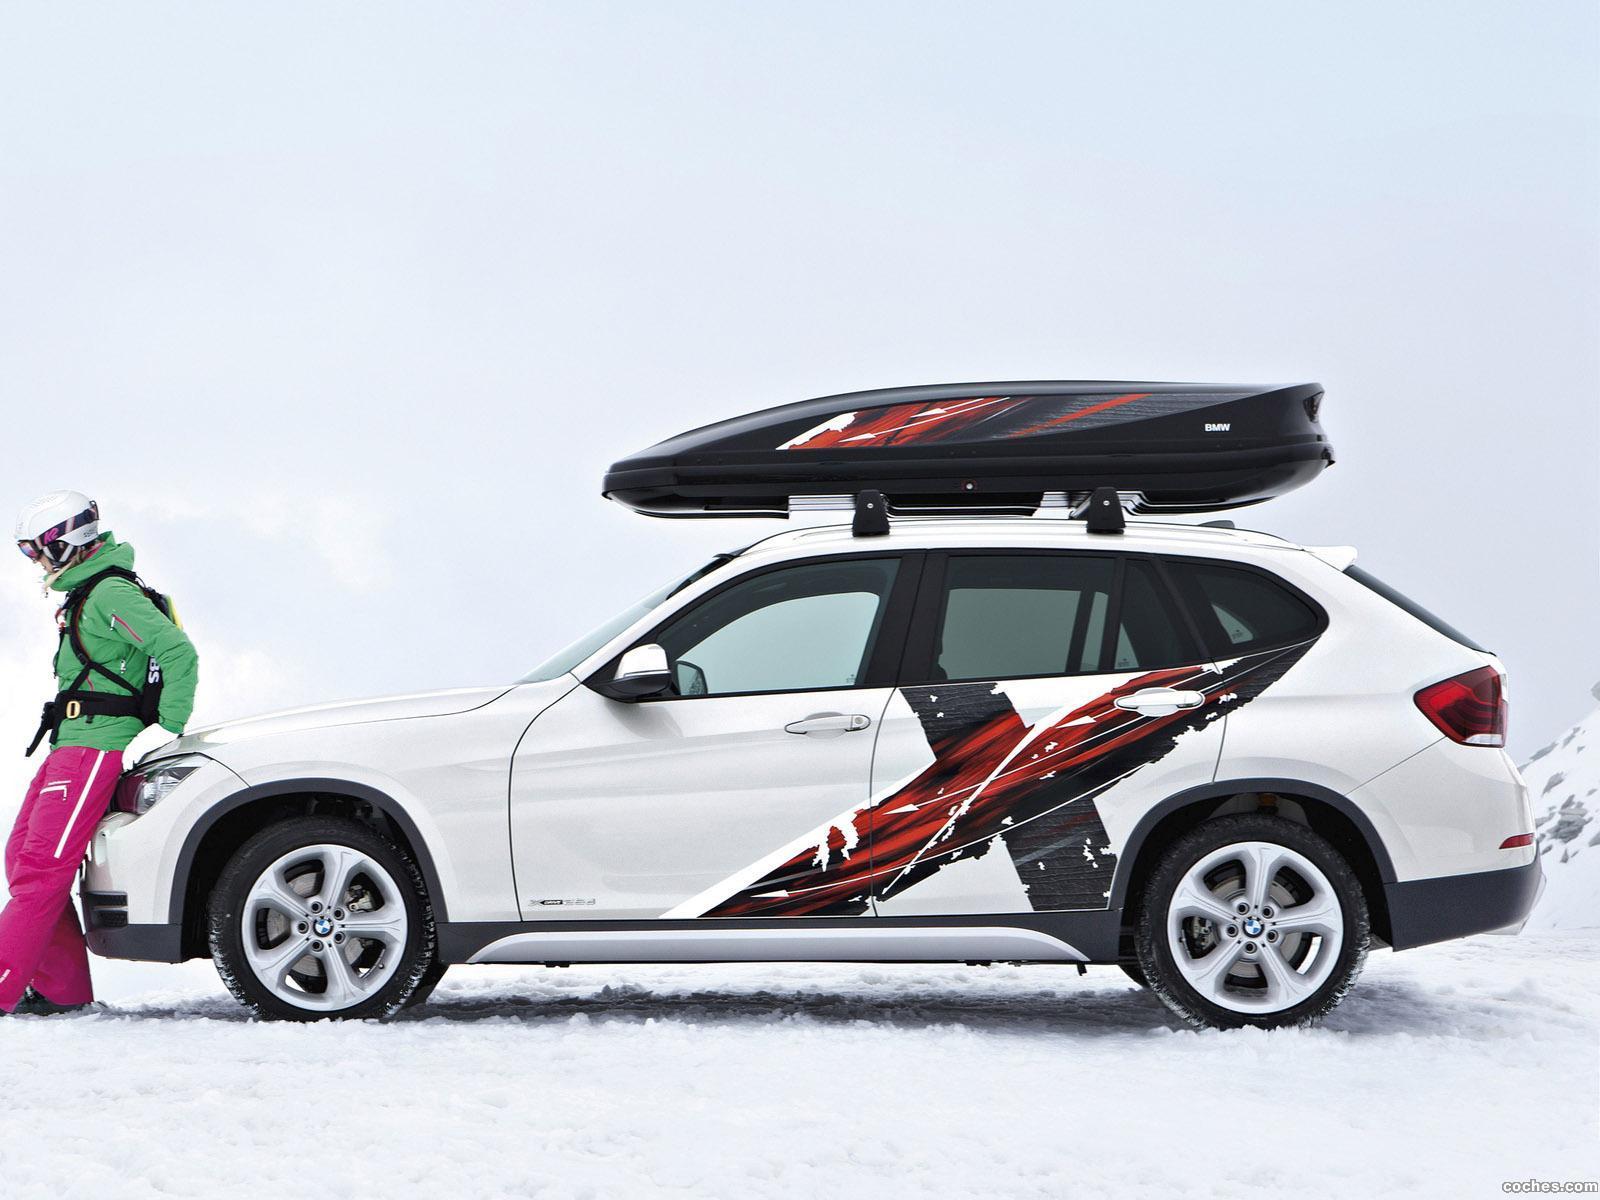 Foto 2 de BMW X1 Powder Ride Edition E84 2012